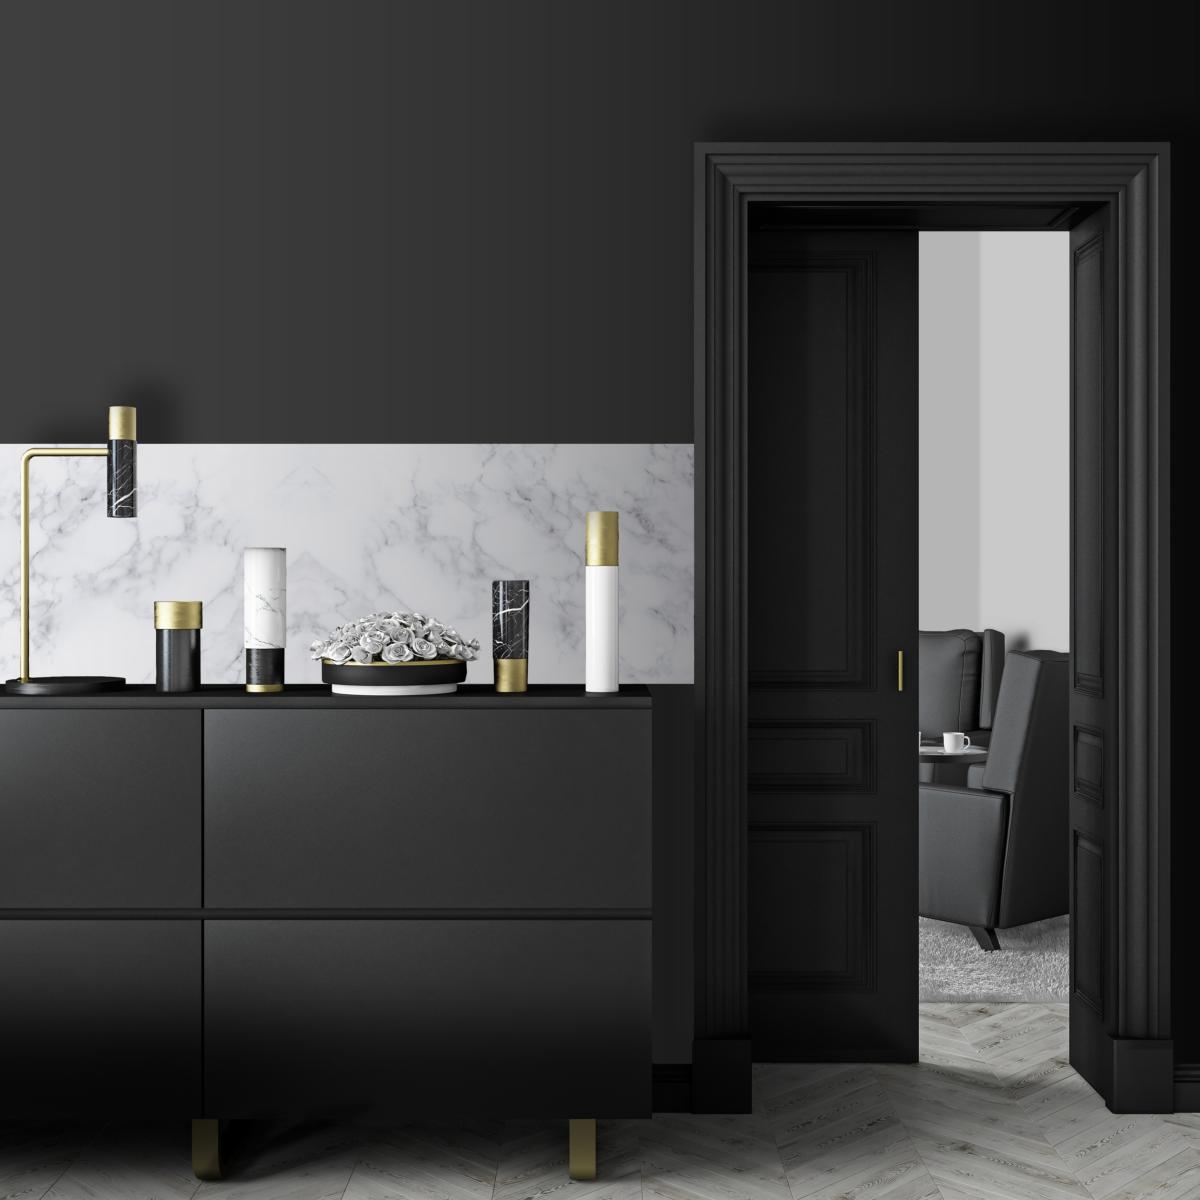 Cr dence adh sive effet de mati re marbre blanc for Effet miroir sur une photo